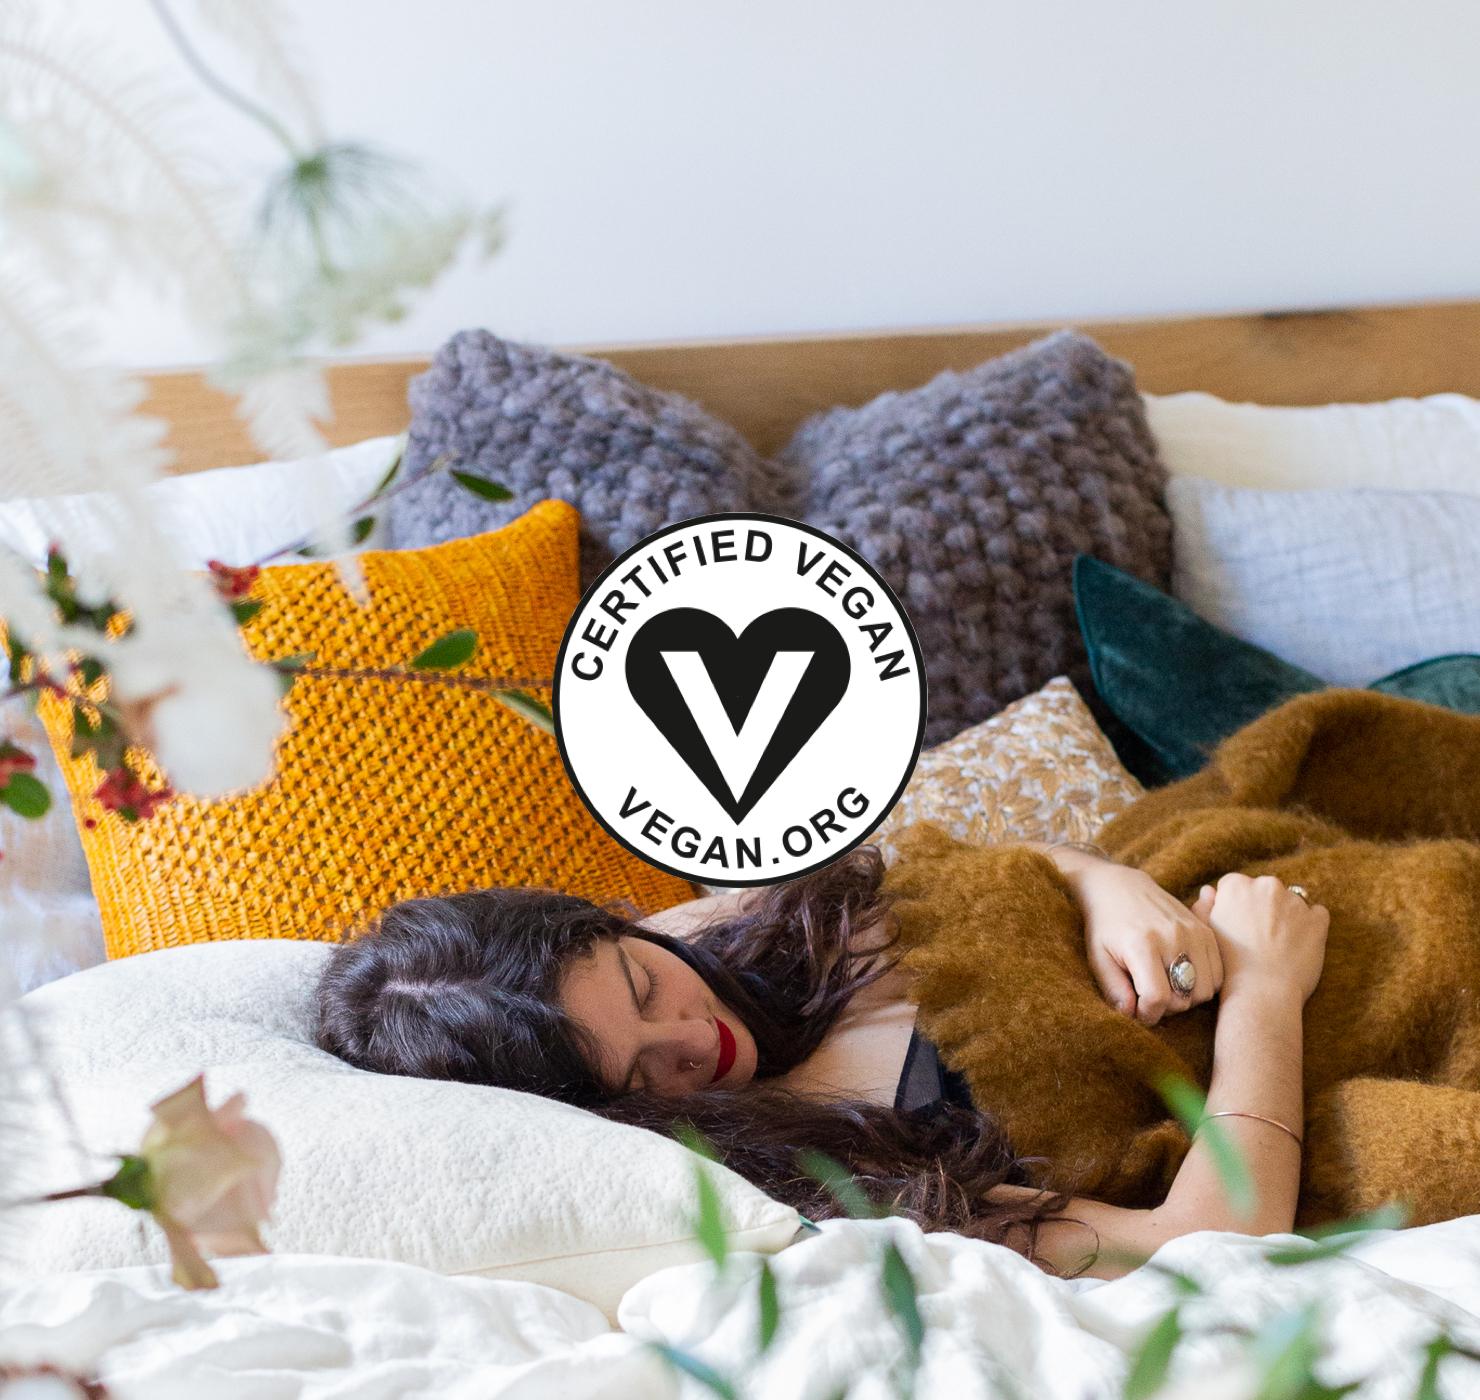 vegan certified mattress topper